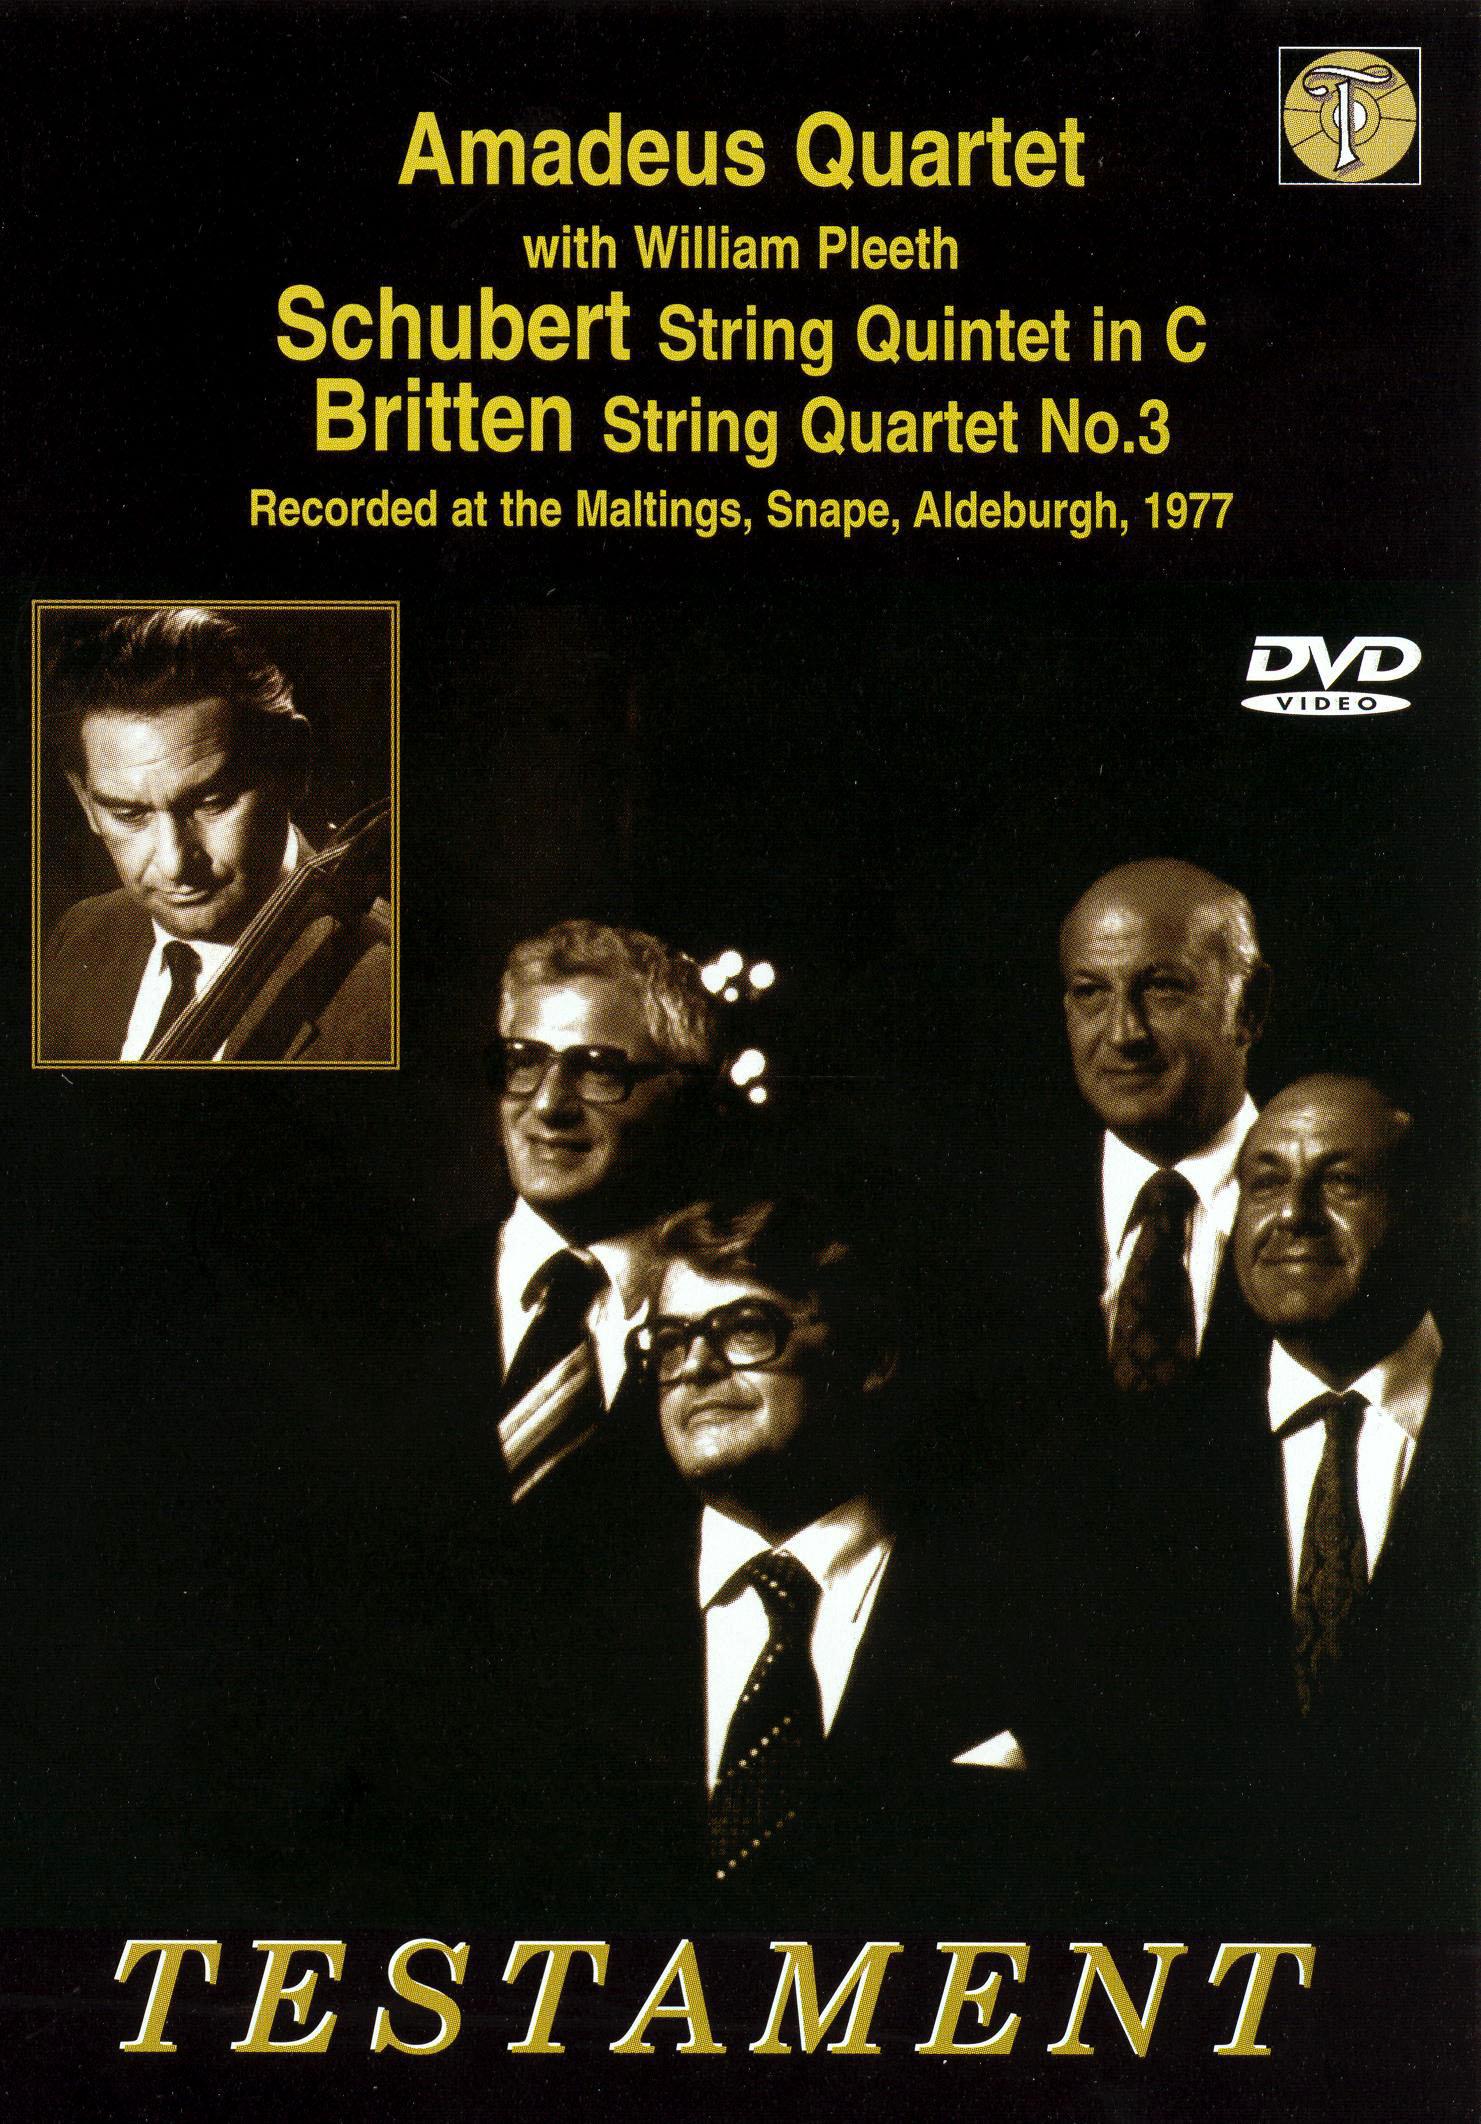 Schubert: String Quintet in C/Britten: String Quartet no. 3